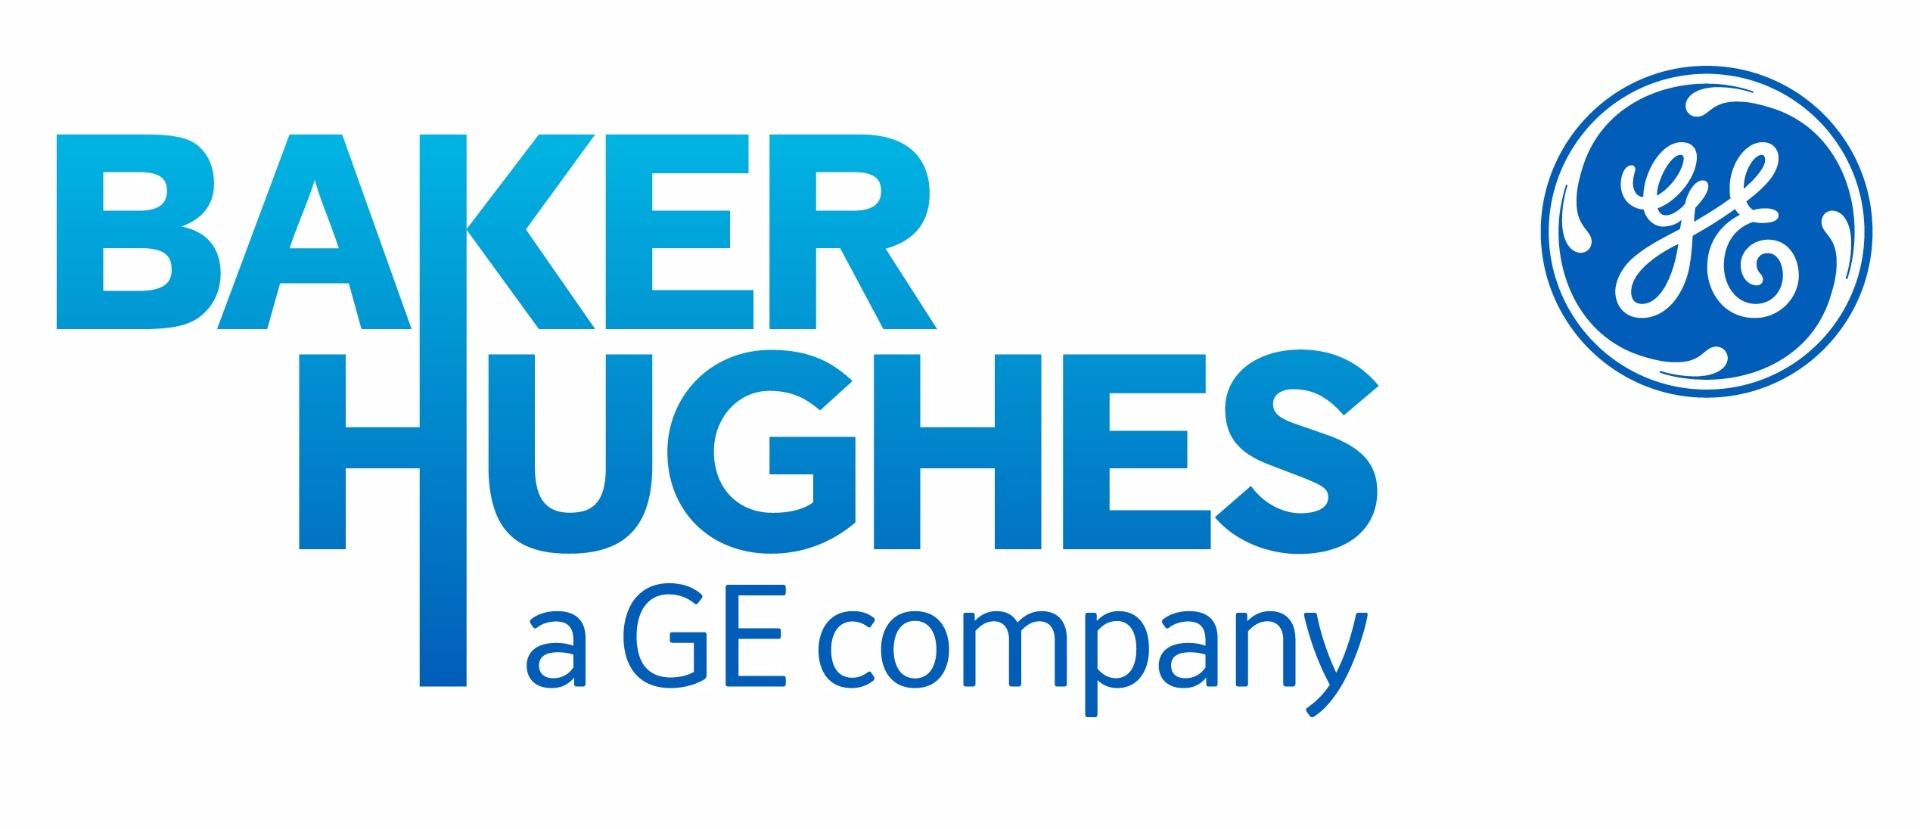 Baker Hughes a GE company